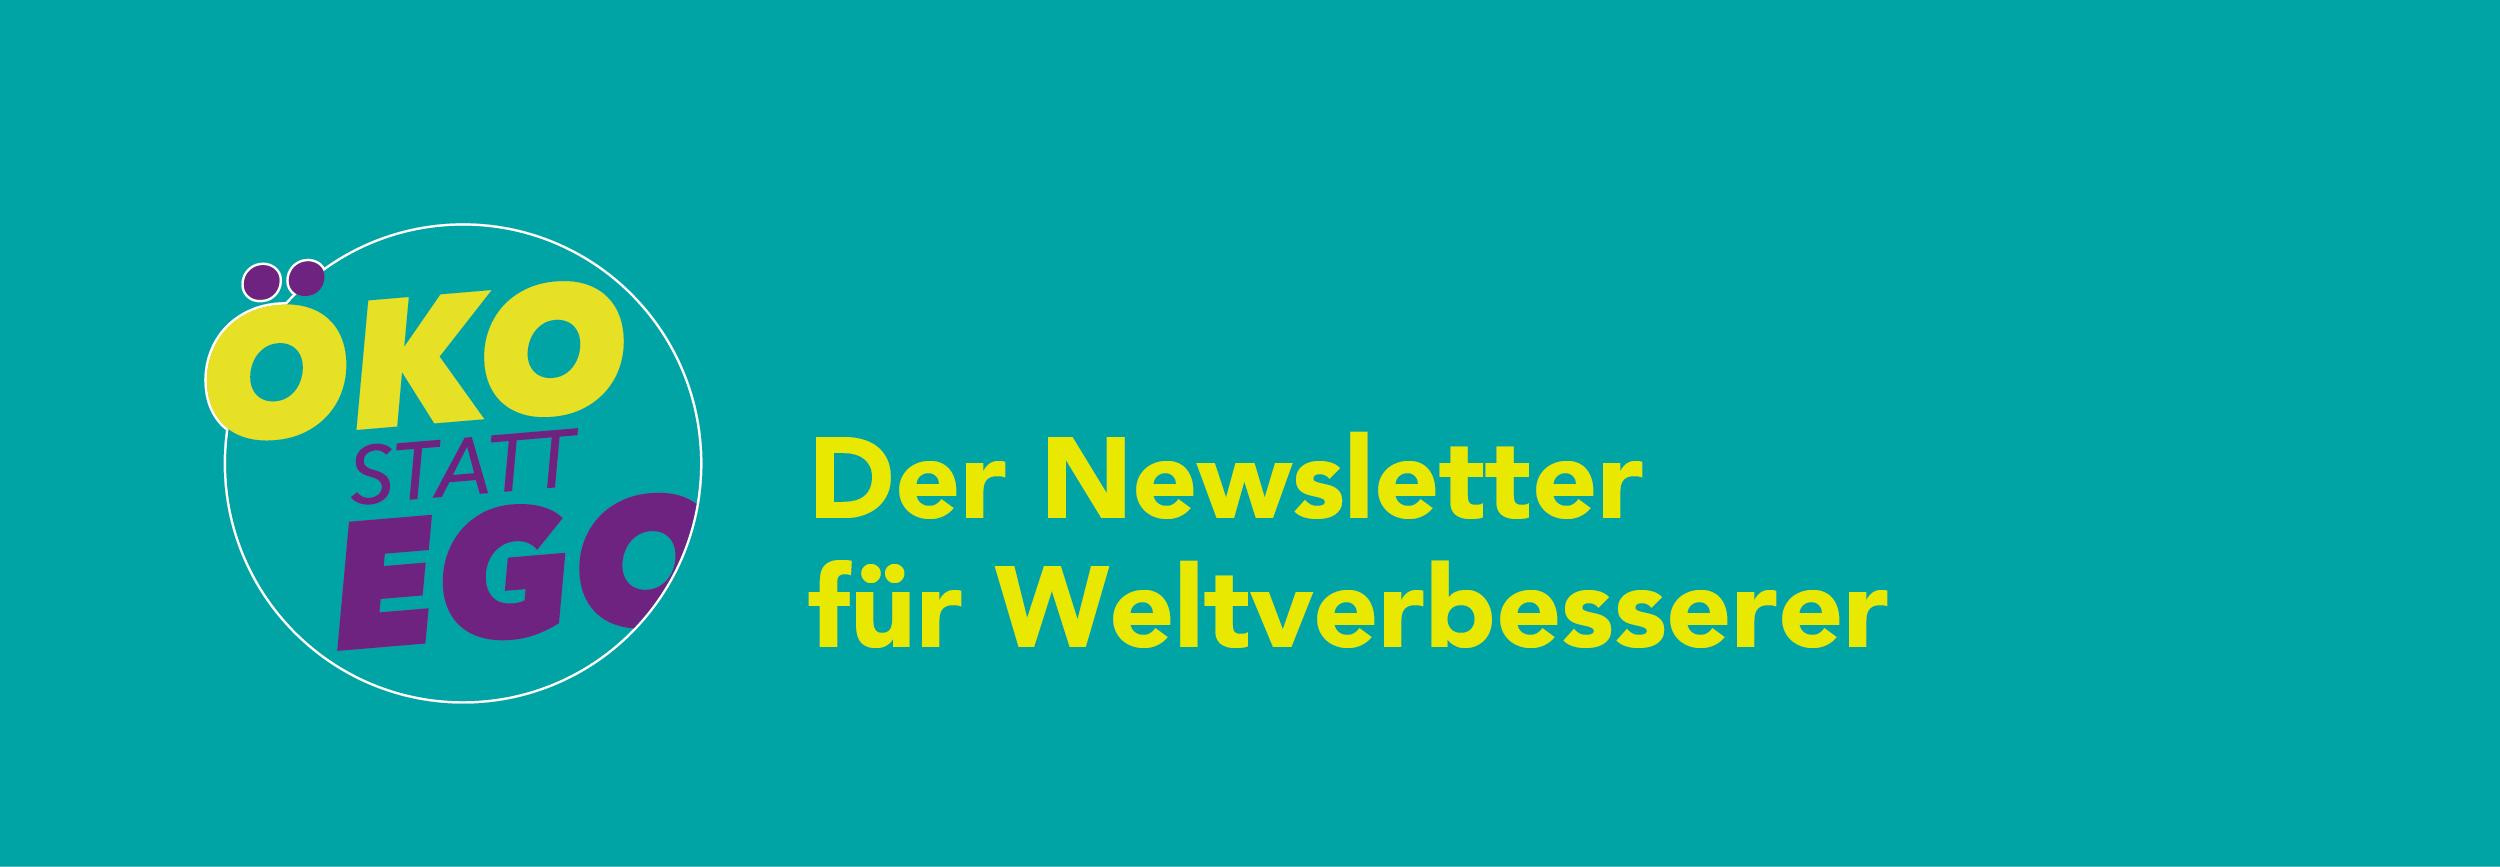 Header Newsletter Öko statt Ego